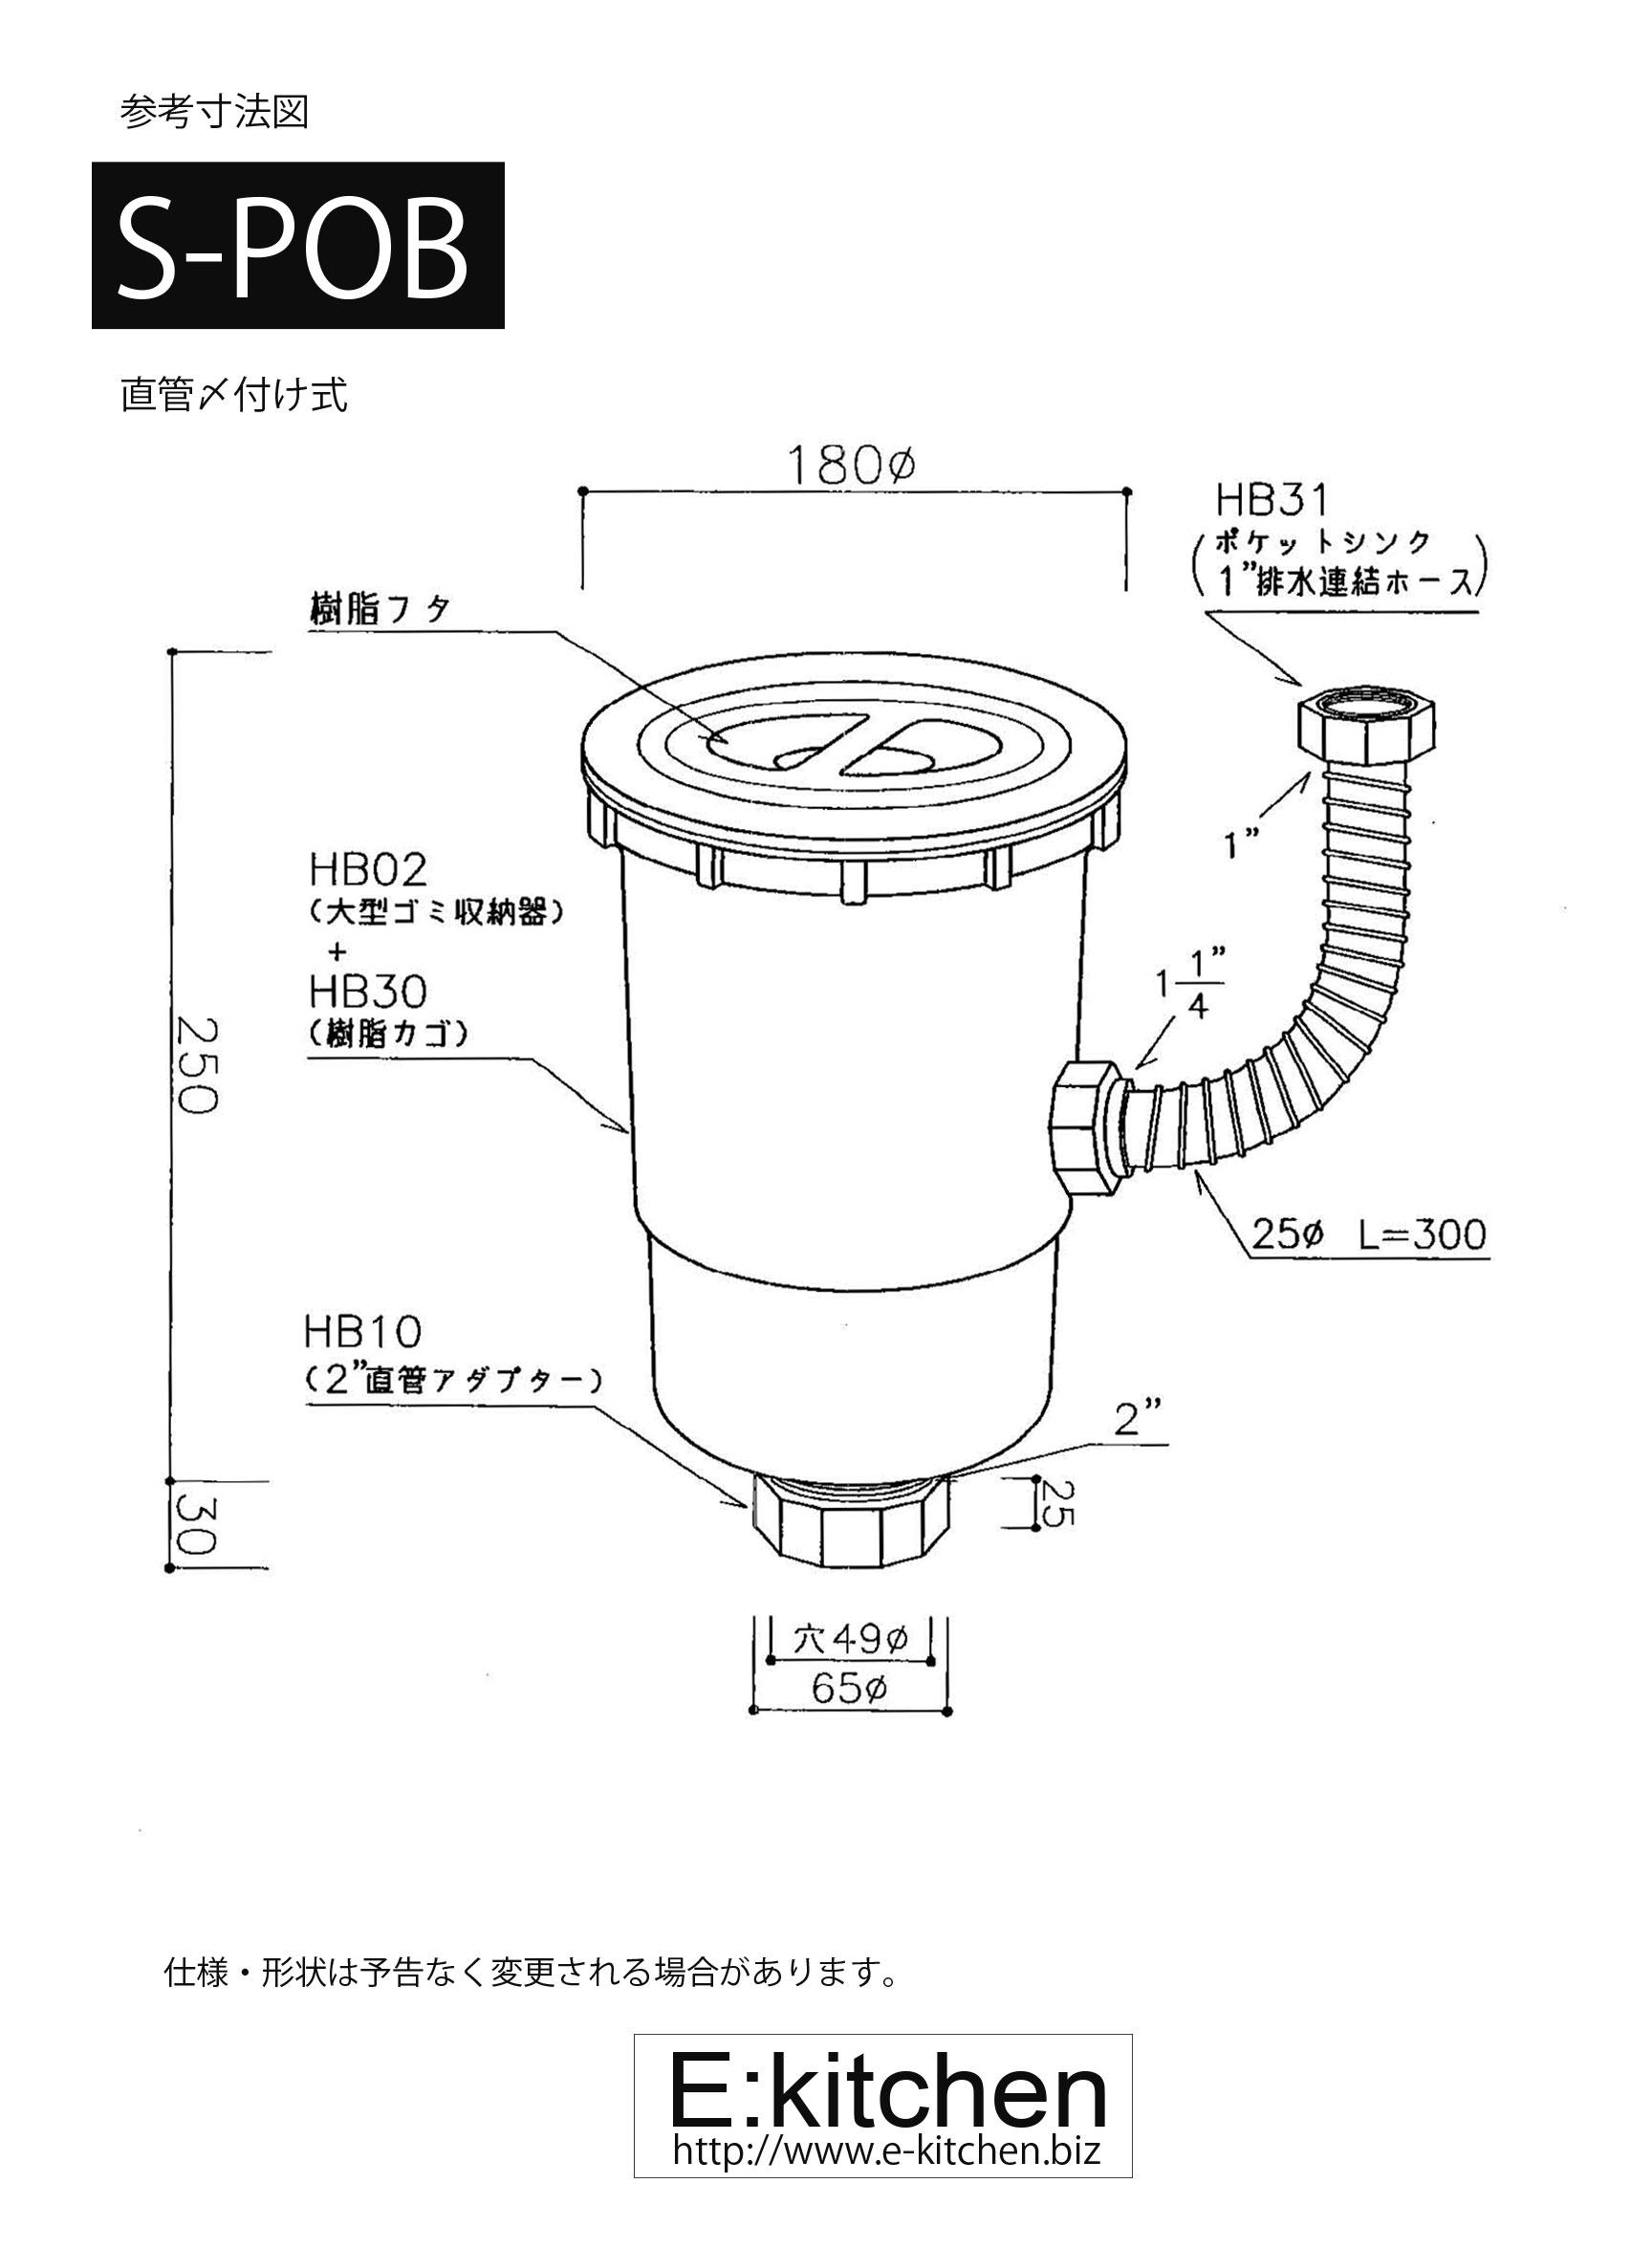 CKシリーズ 排水部品S-POB